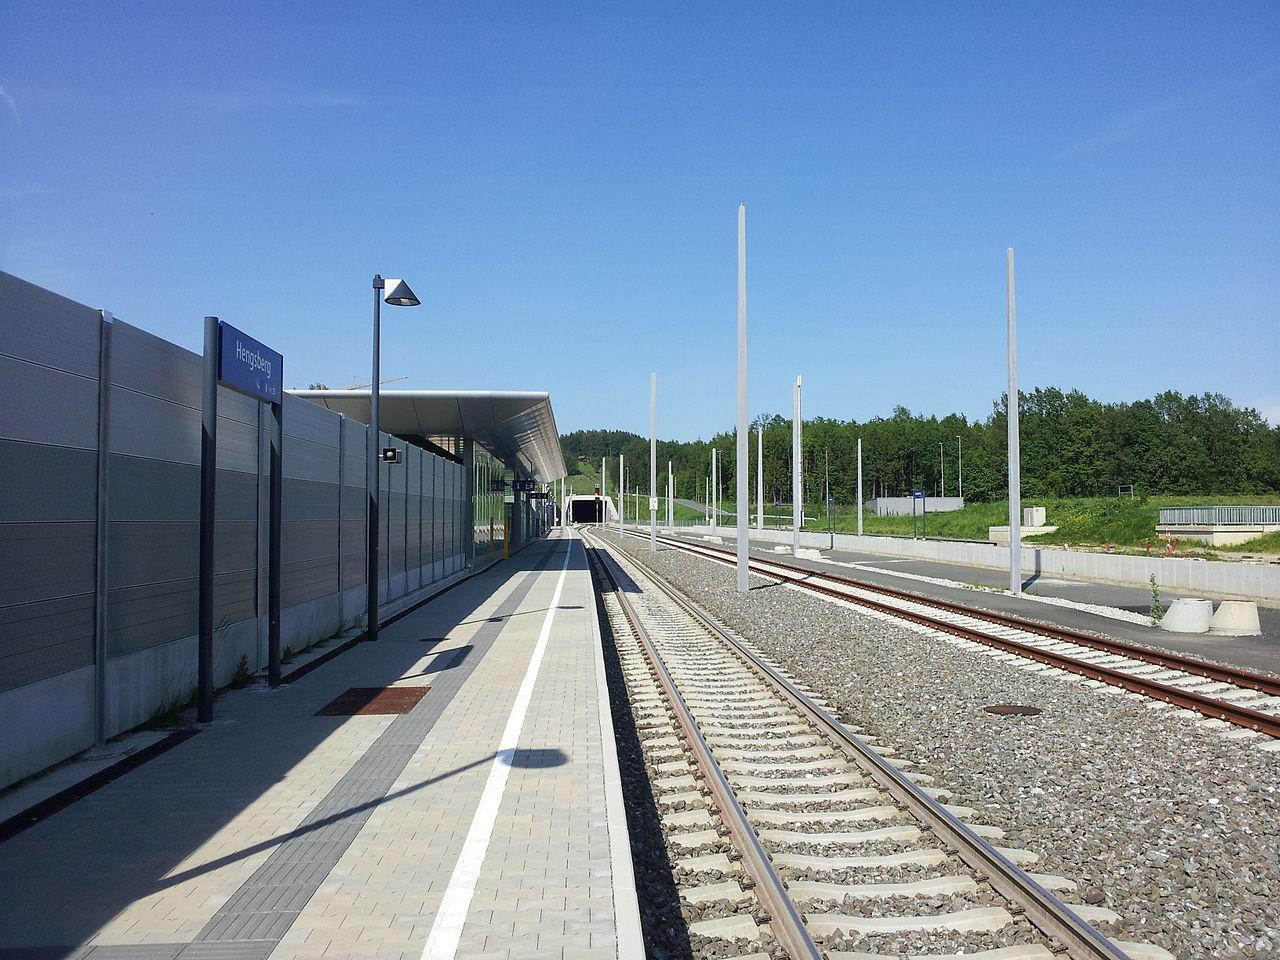 ausztria Hengsberg épülő állomás Koralmbahn nagysebességű vasút